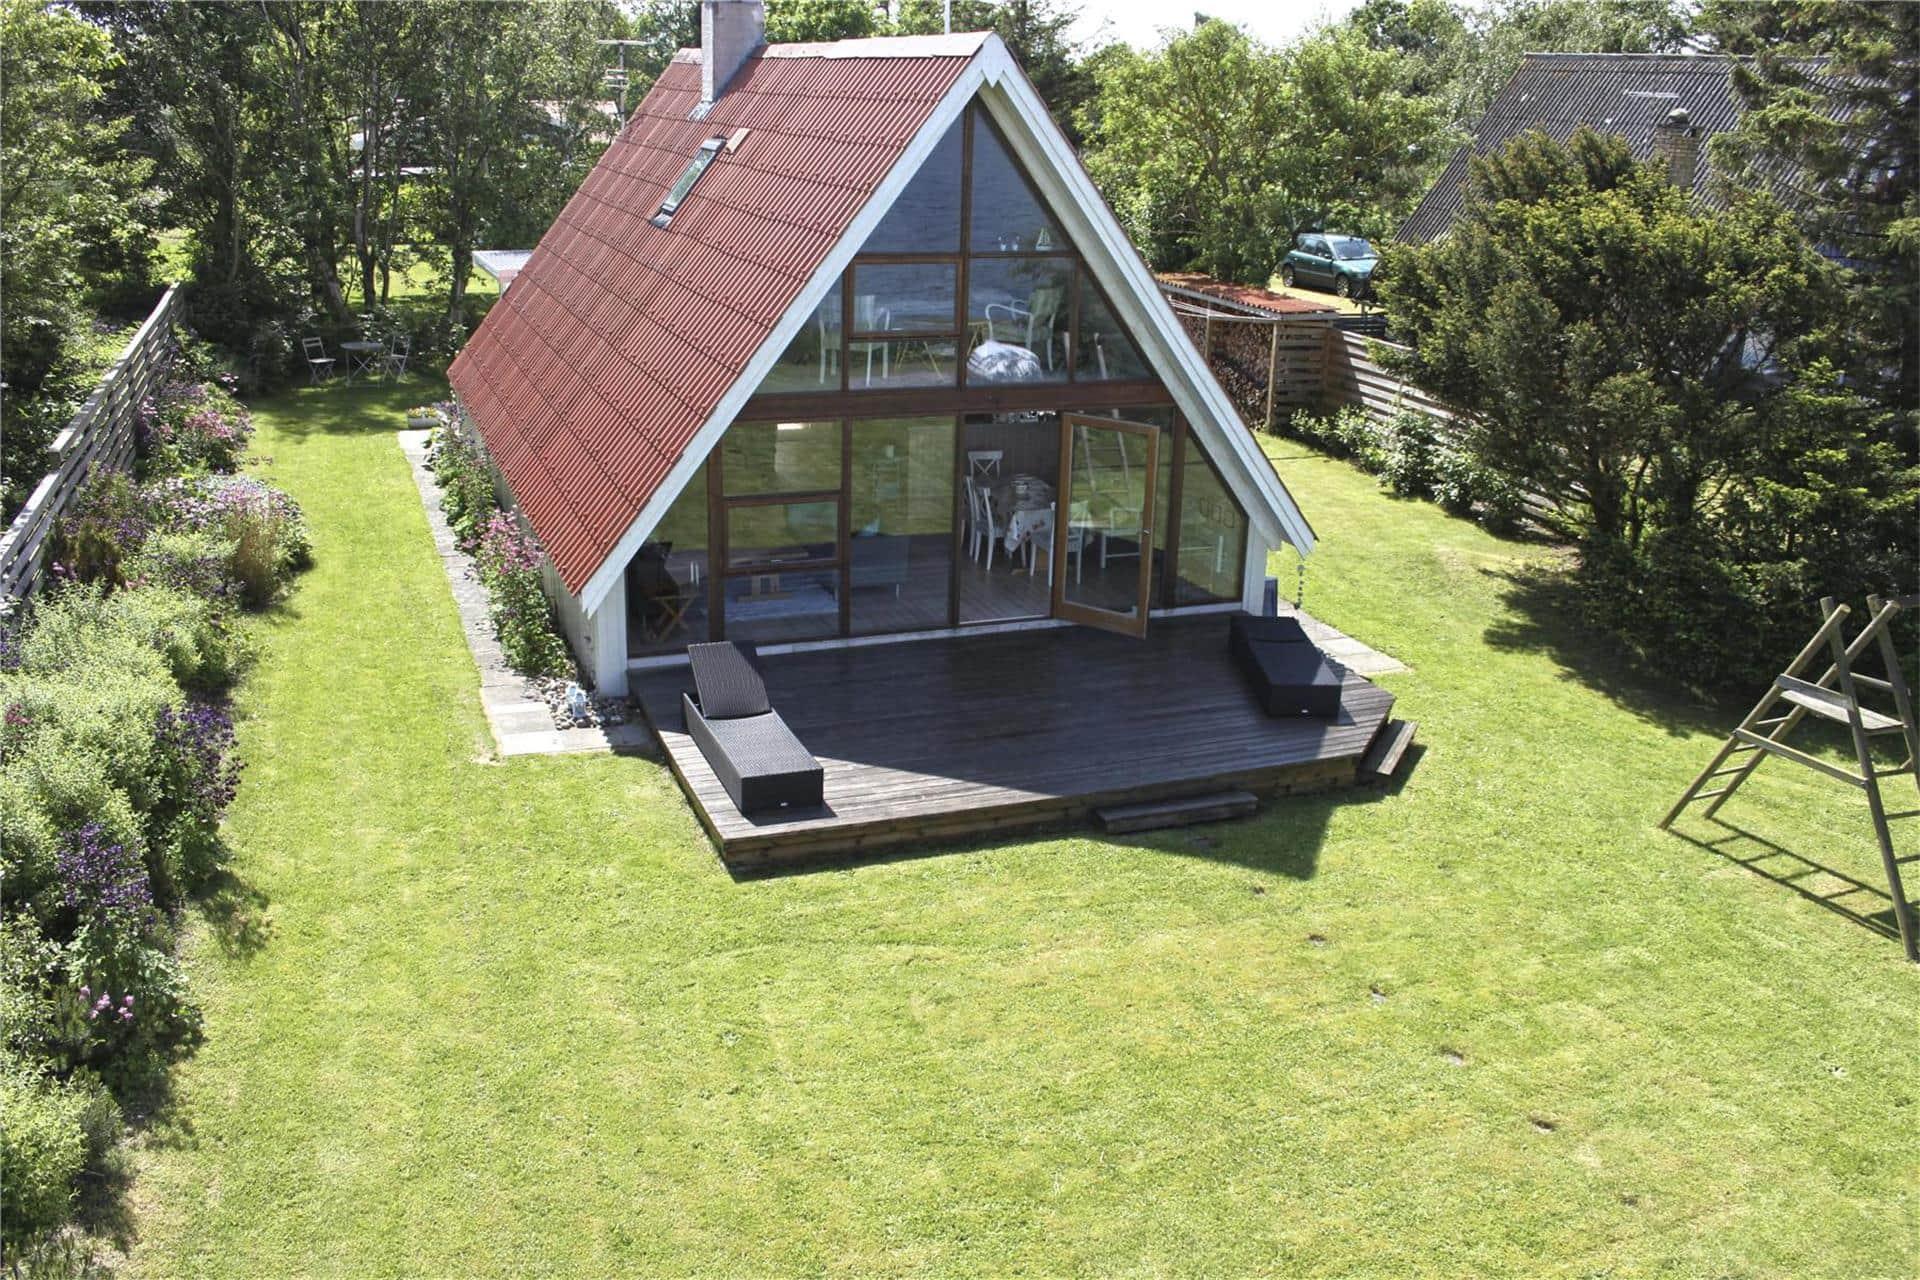 Billede 1-3 Sommerhus M64375, Søvej 34, DK - 5464 Brenderup Fyn